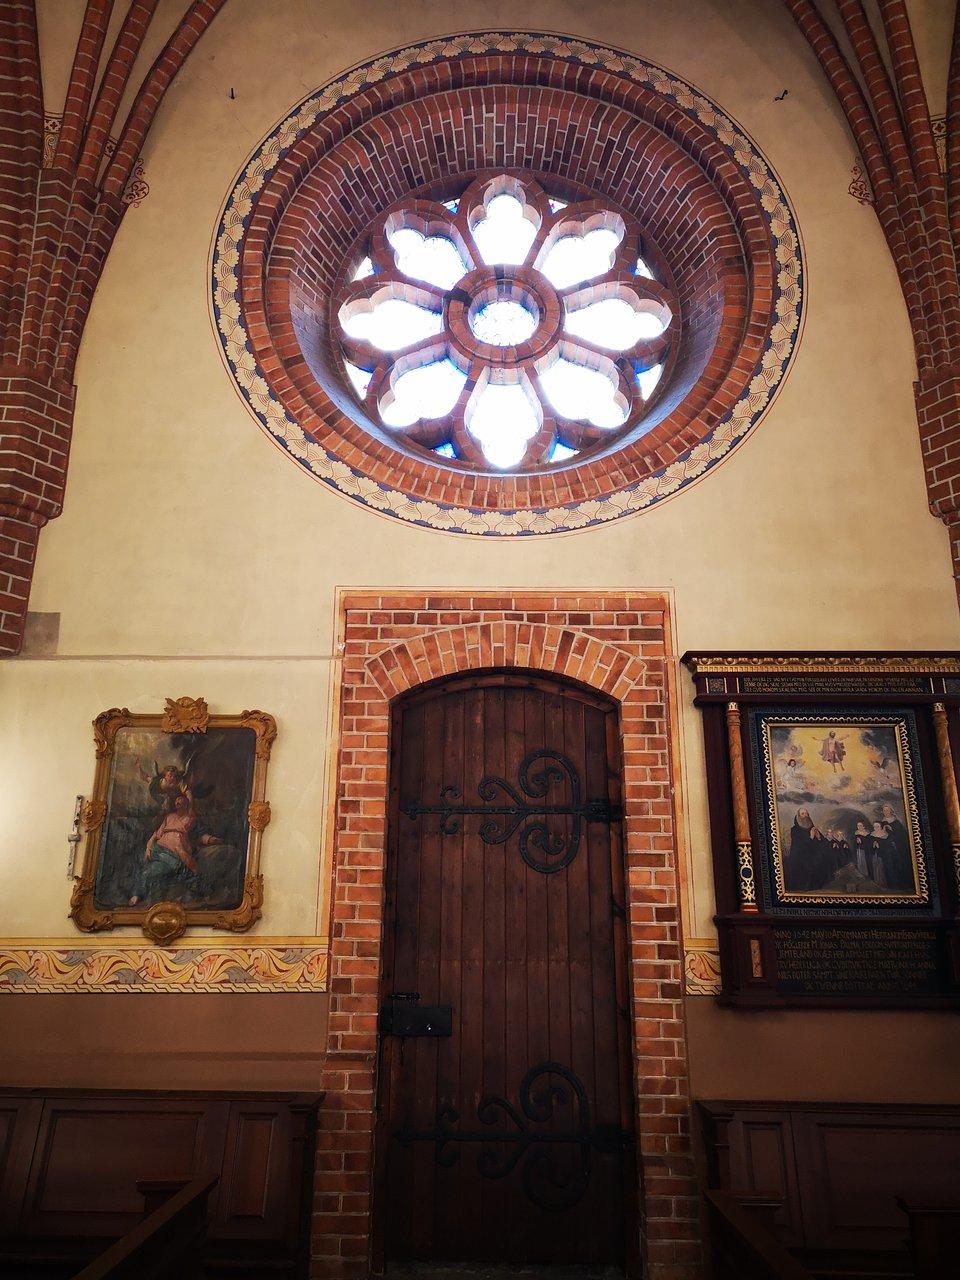 Fil:Orgellktaren, Stora Kopparbergs satisfaction-survey.net Wikipedia